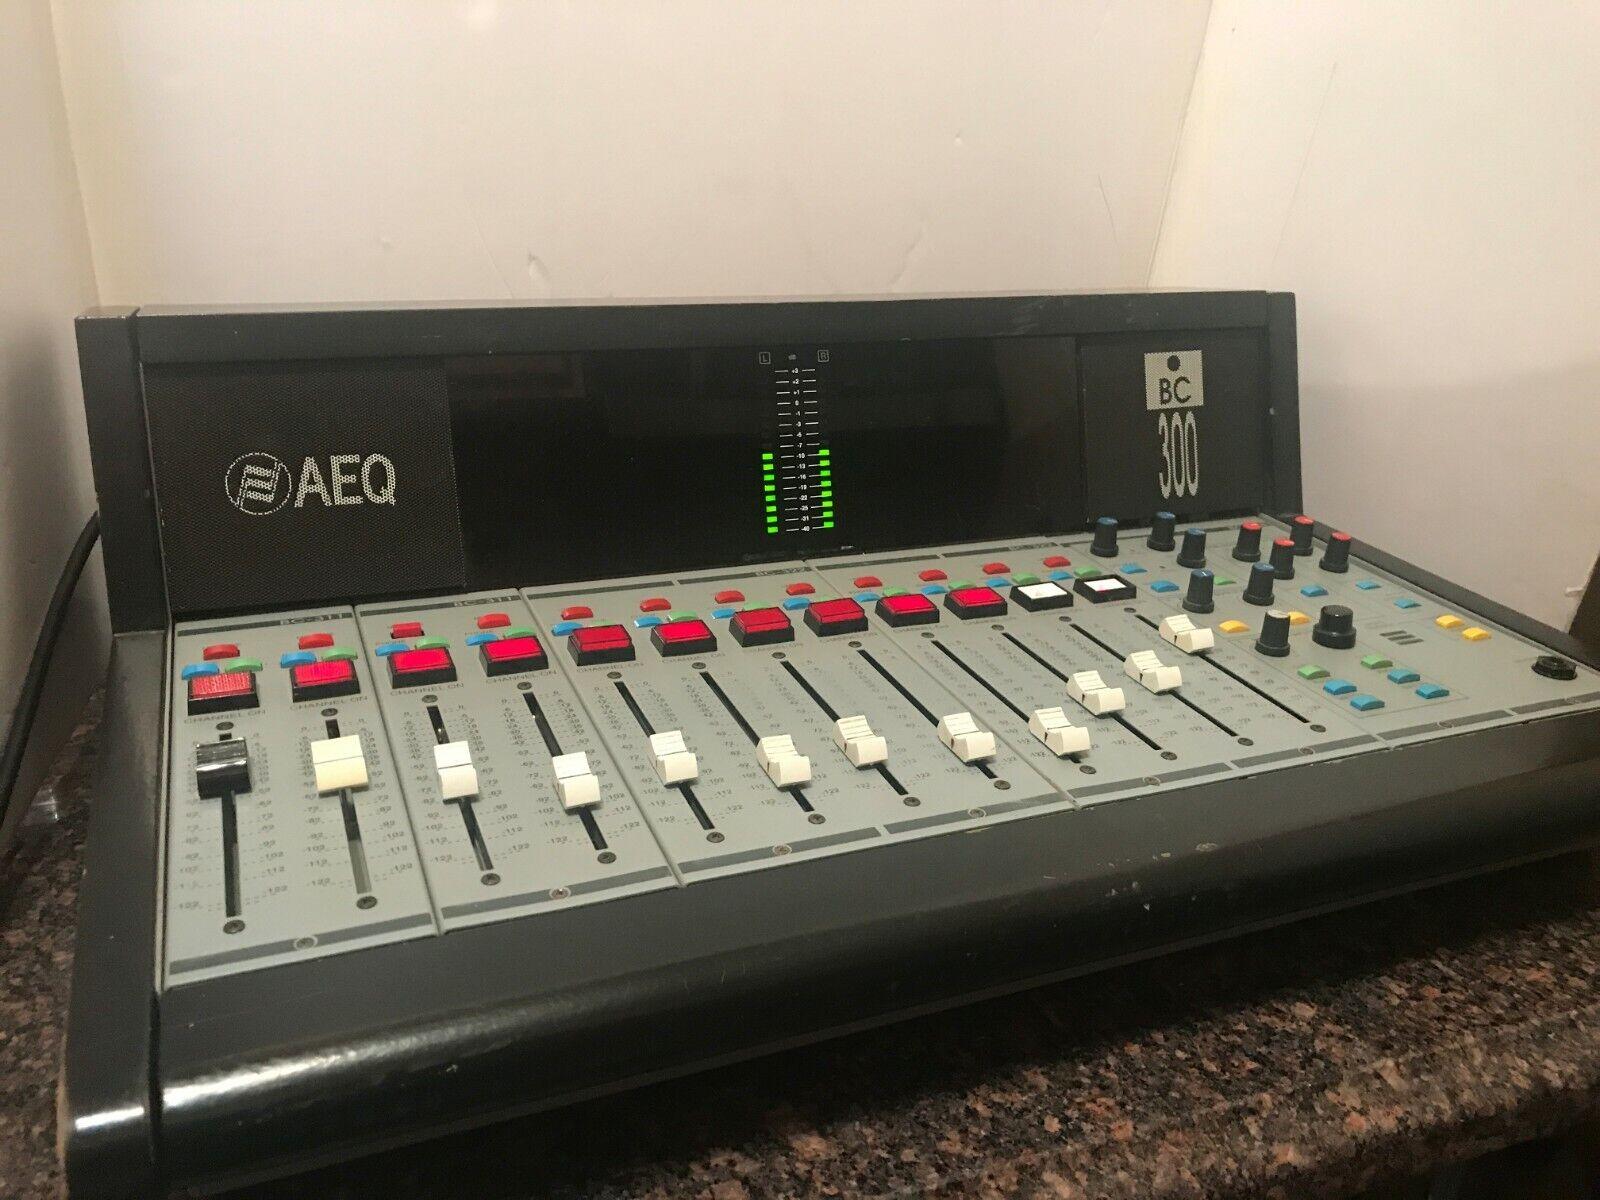 Garanzia di vestibilità al 100% Aeq BC 300 12 Channel Broadcast Studio Studio Studio Audio Console,  da non perdere!